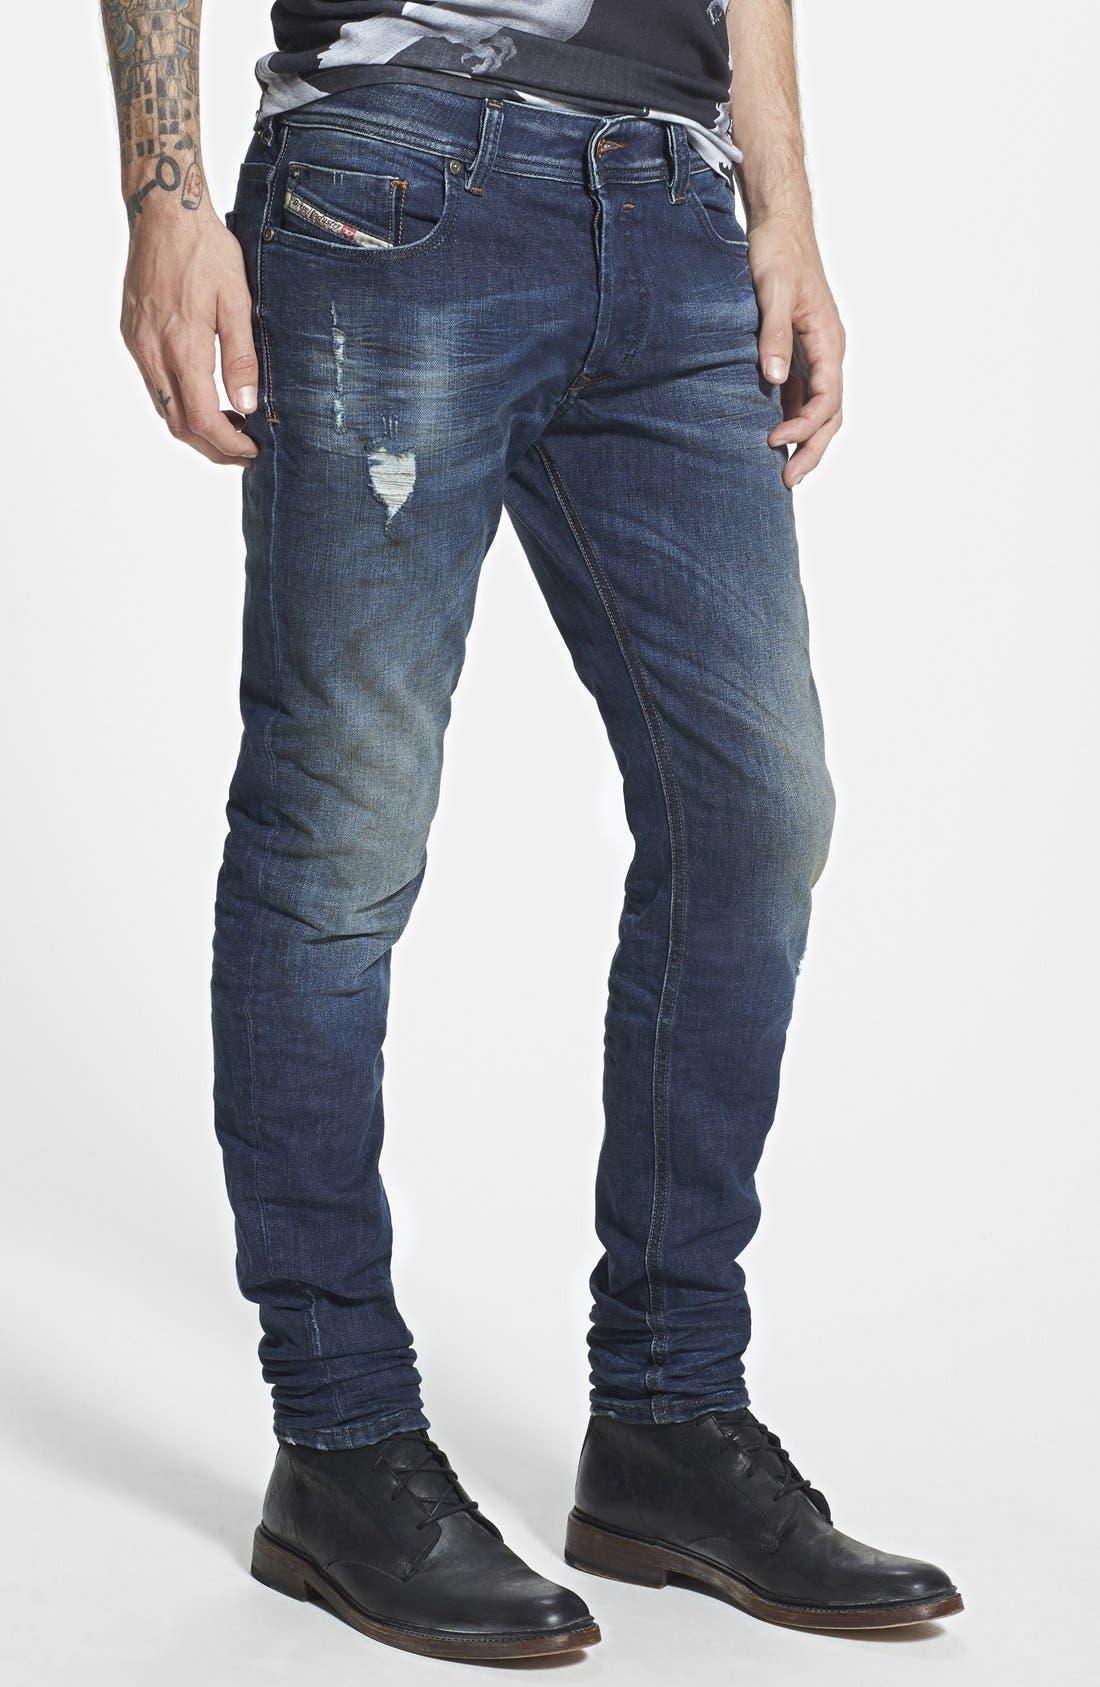 'Sleenker' Skinny Fit Jeans,                             Alternate thumbnail 3, color,                             499